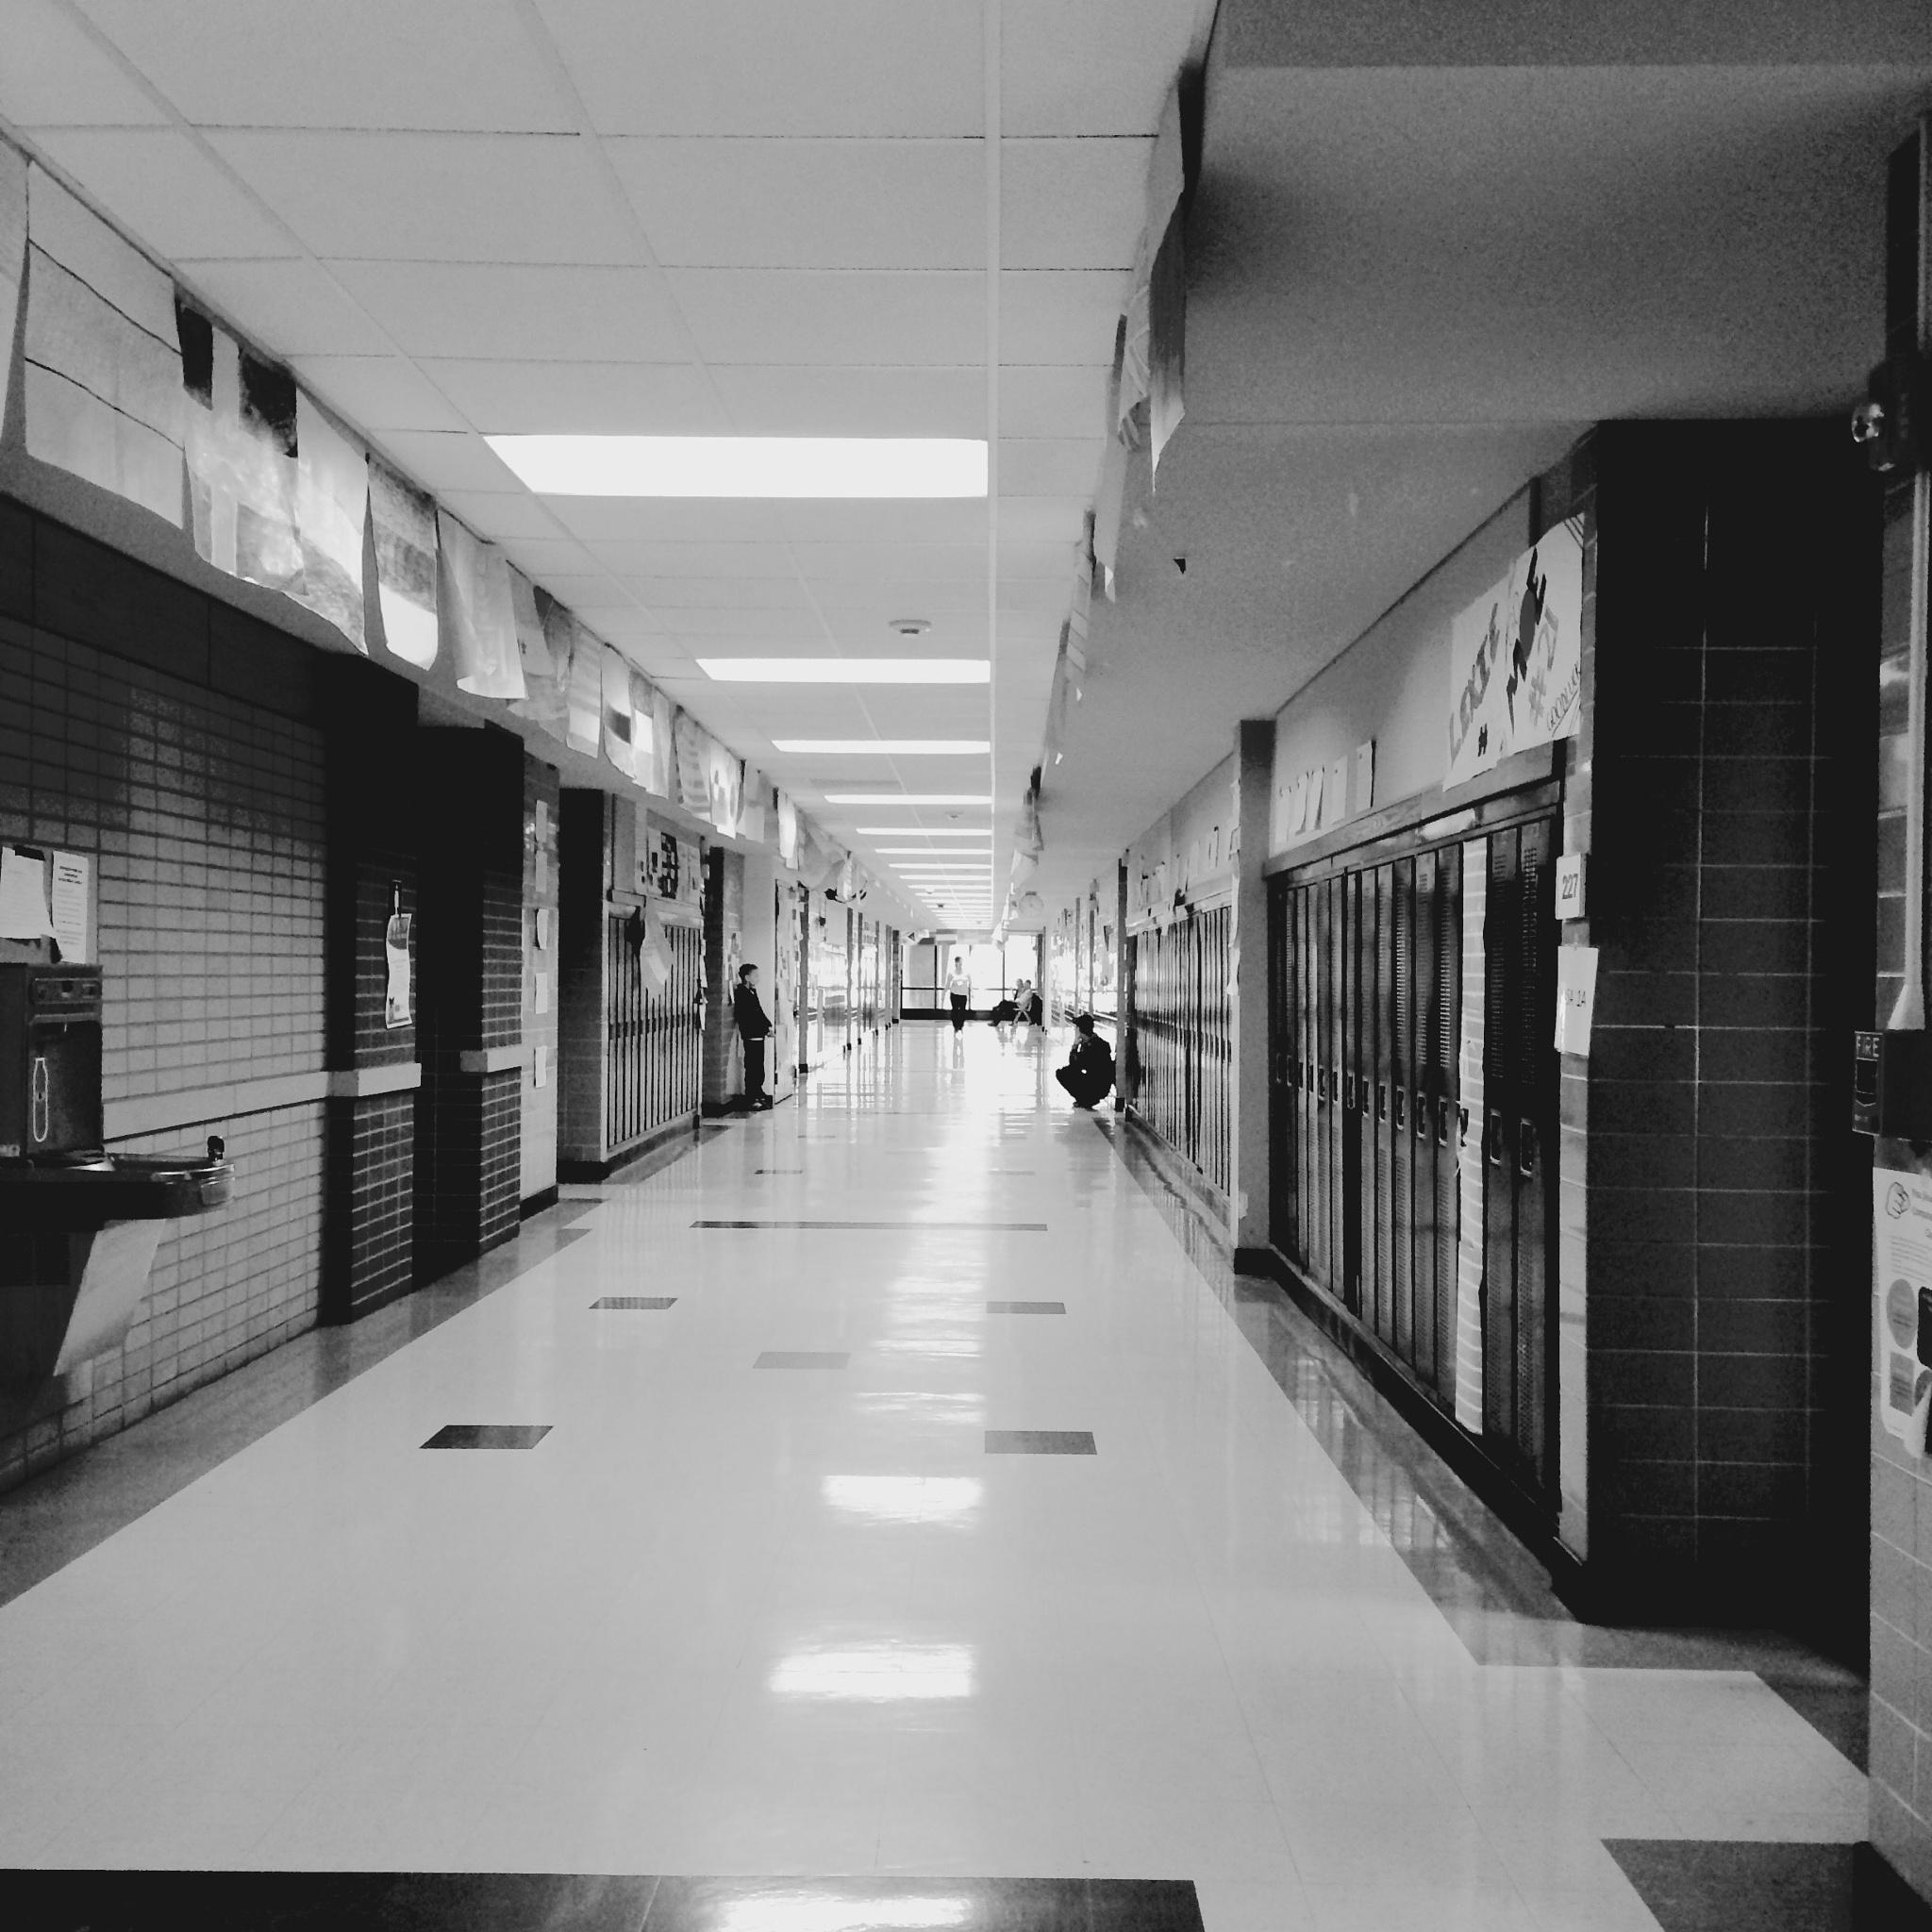 Hallway by leszeksaminski